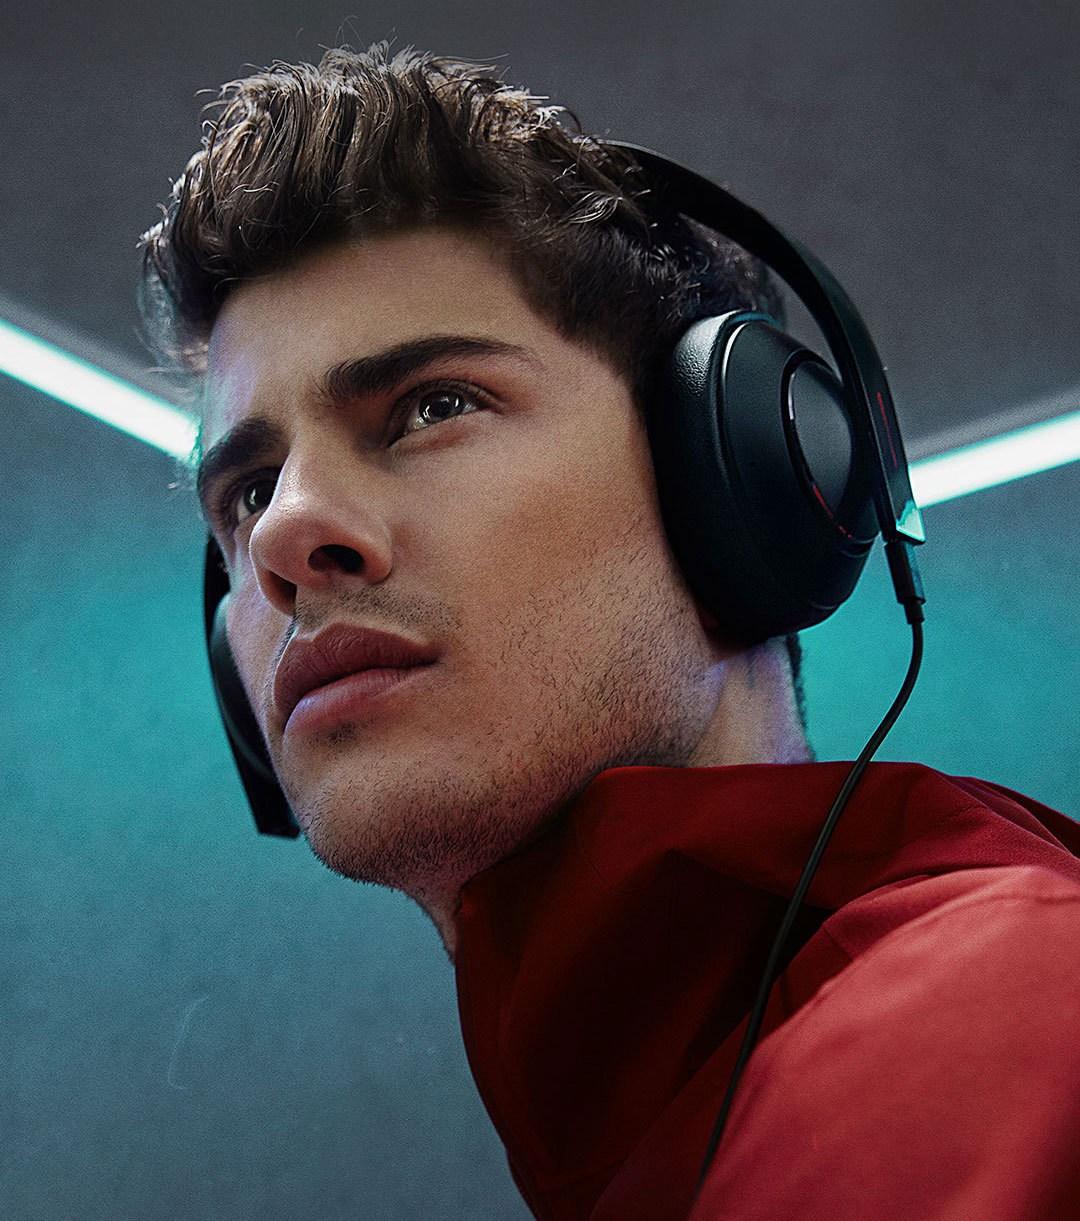 Xiaomi Wireless Gaming Headphones 20180511135201226